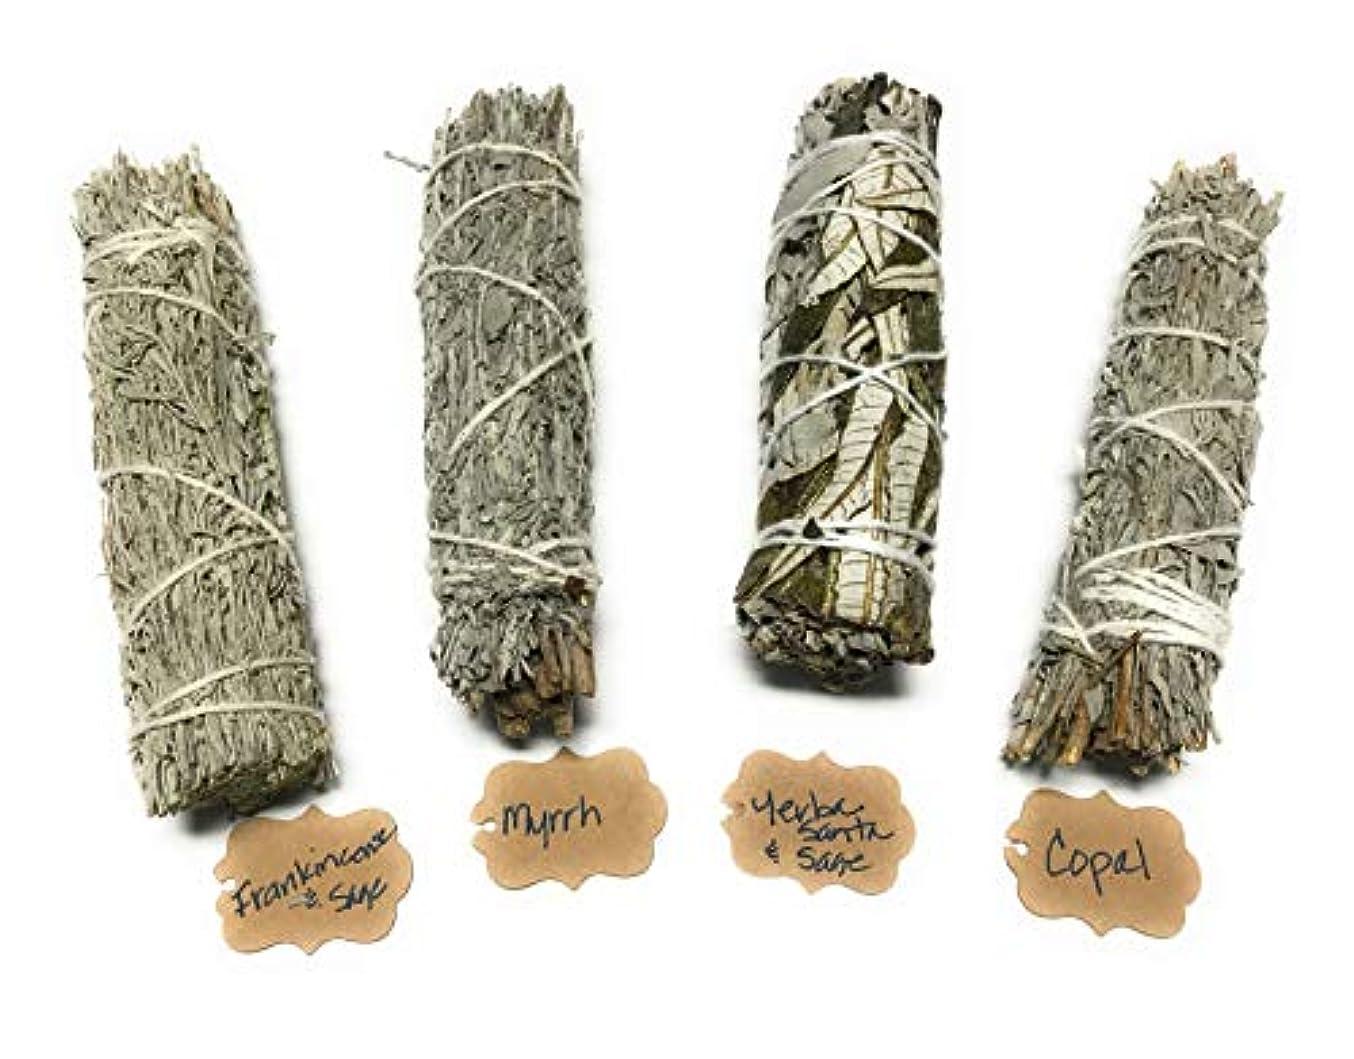 バイナリ粘着性オデュッセウスArianna Willow Mystical バラエティスマッジスティック Copal、Frankincense、Myrrh、Yerba Santaを含む